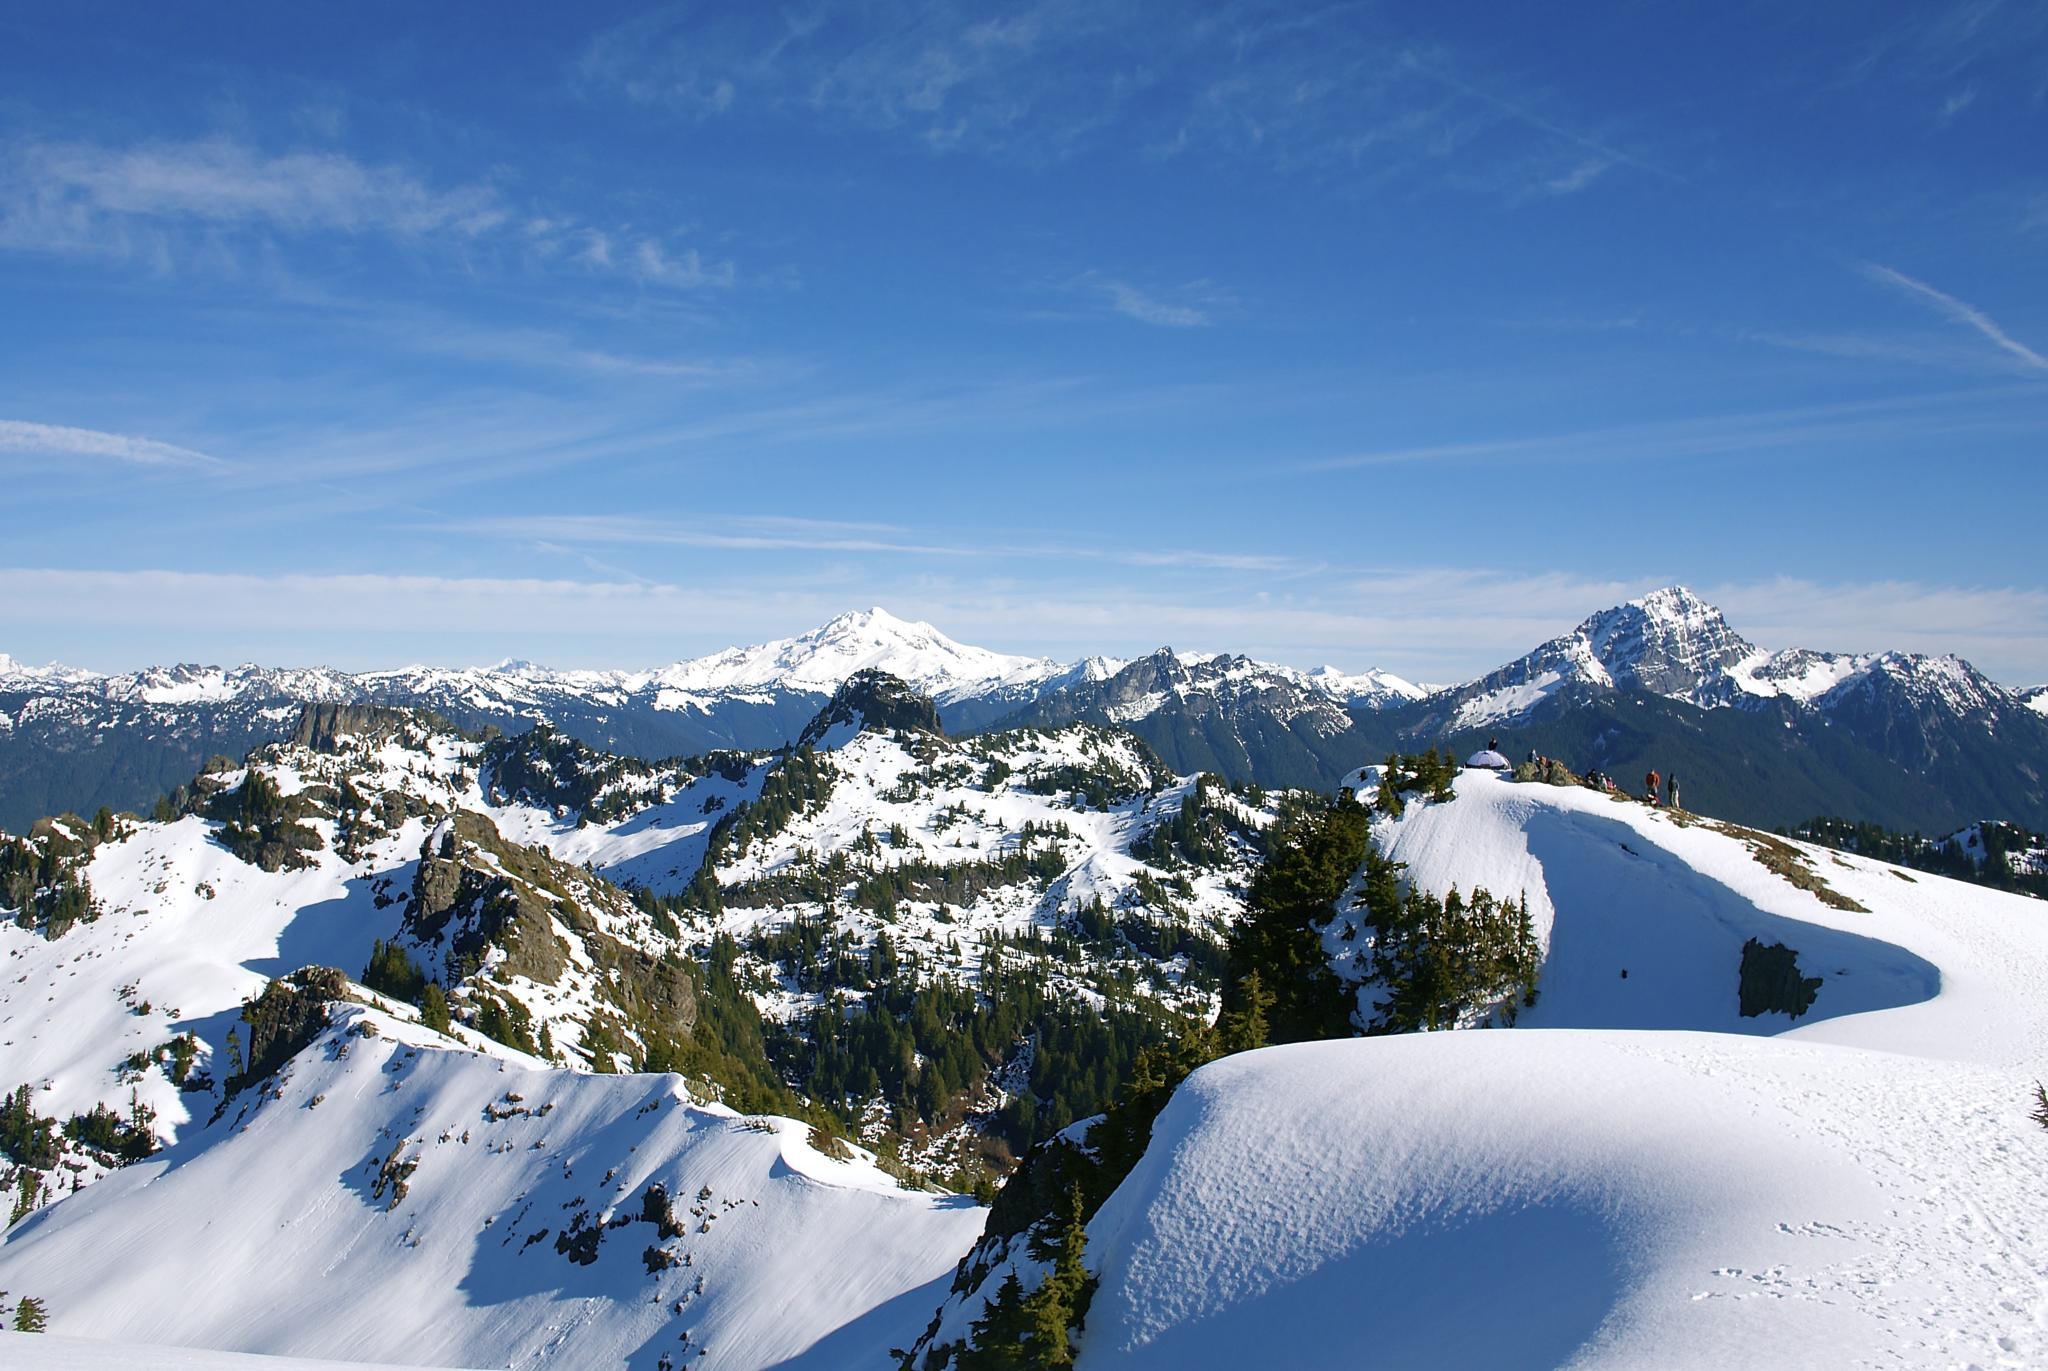 cascade peaks by MTM